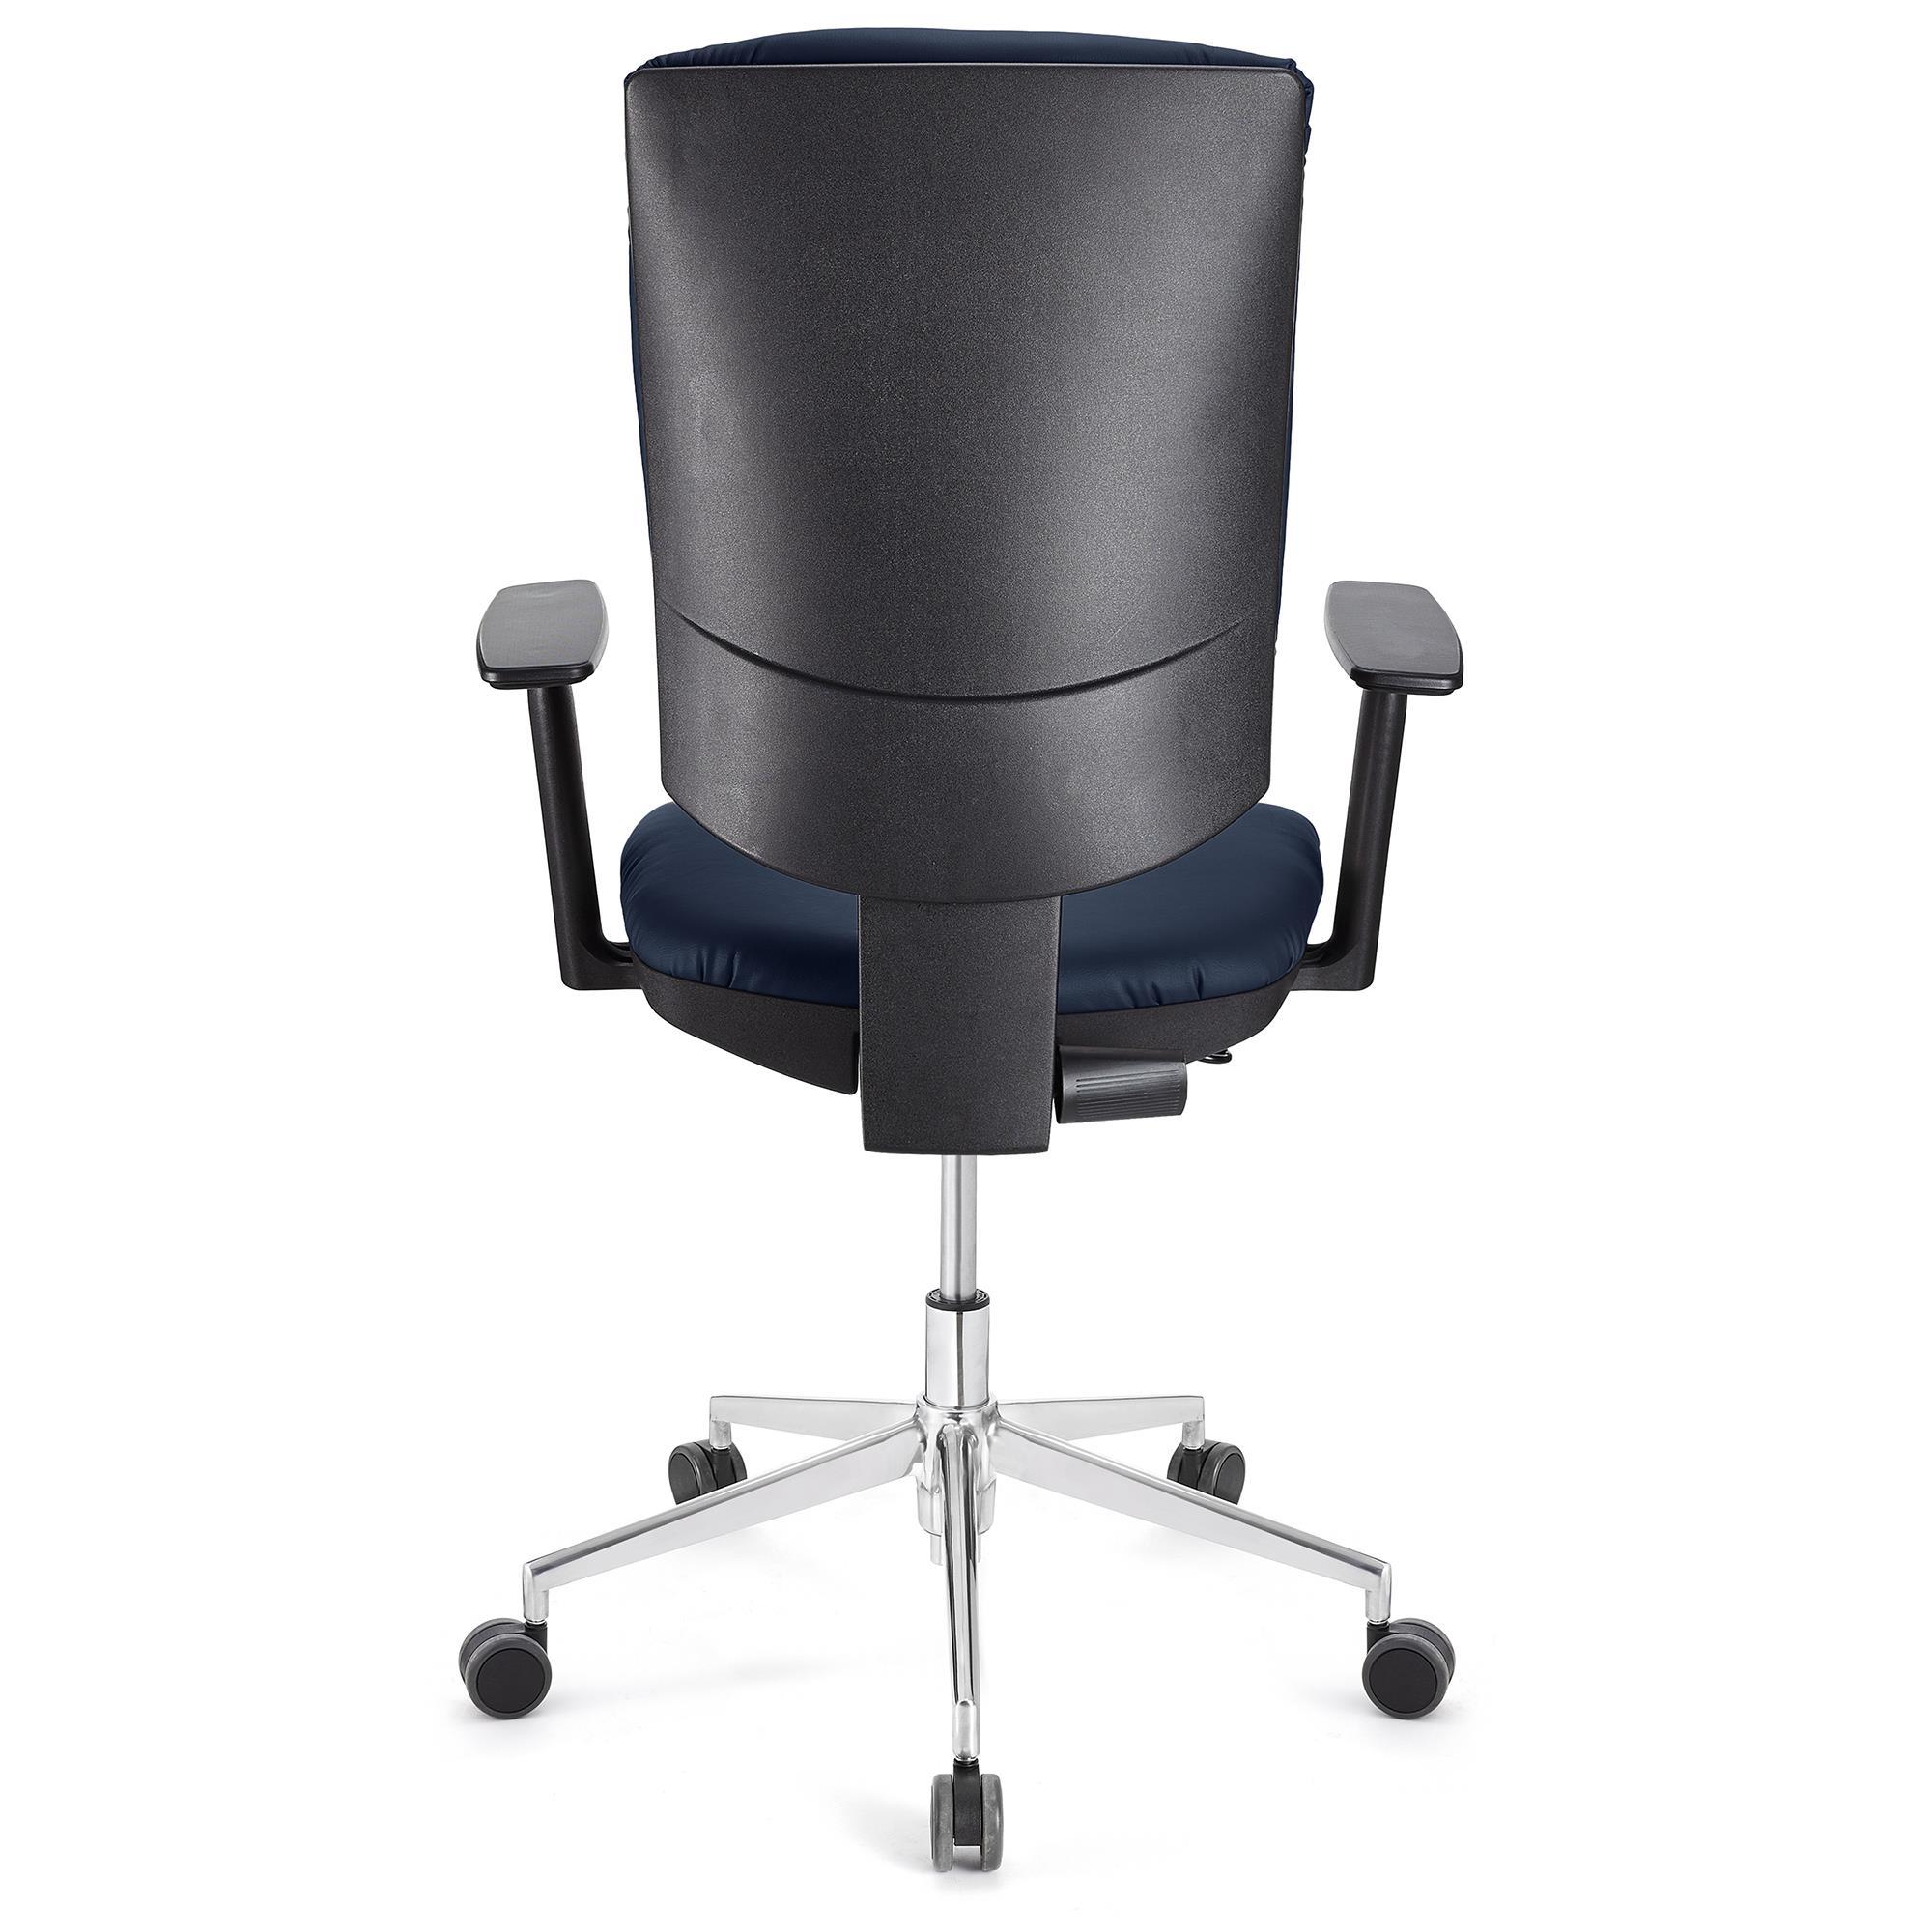 Chaise et PRO de AjustablesPiétement Accoudoirs CUIRDossier métalliqueBleu Bureau ATLAS k0PX8nwO